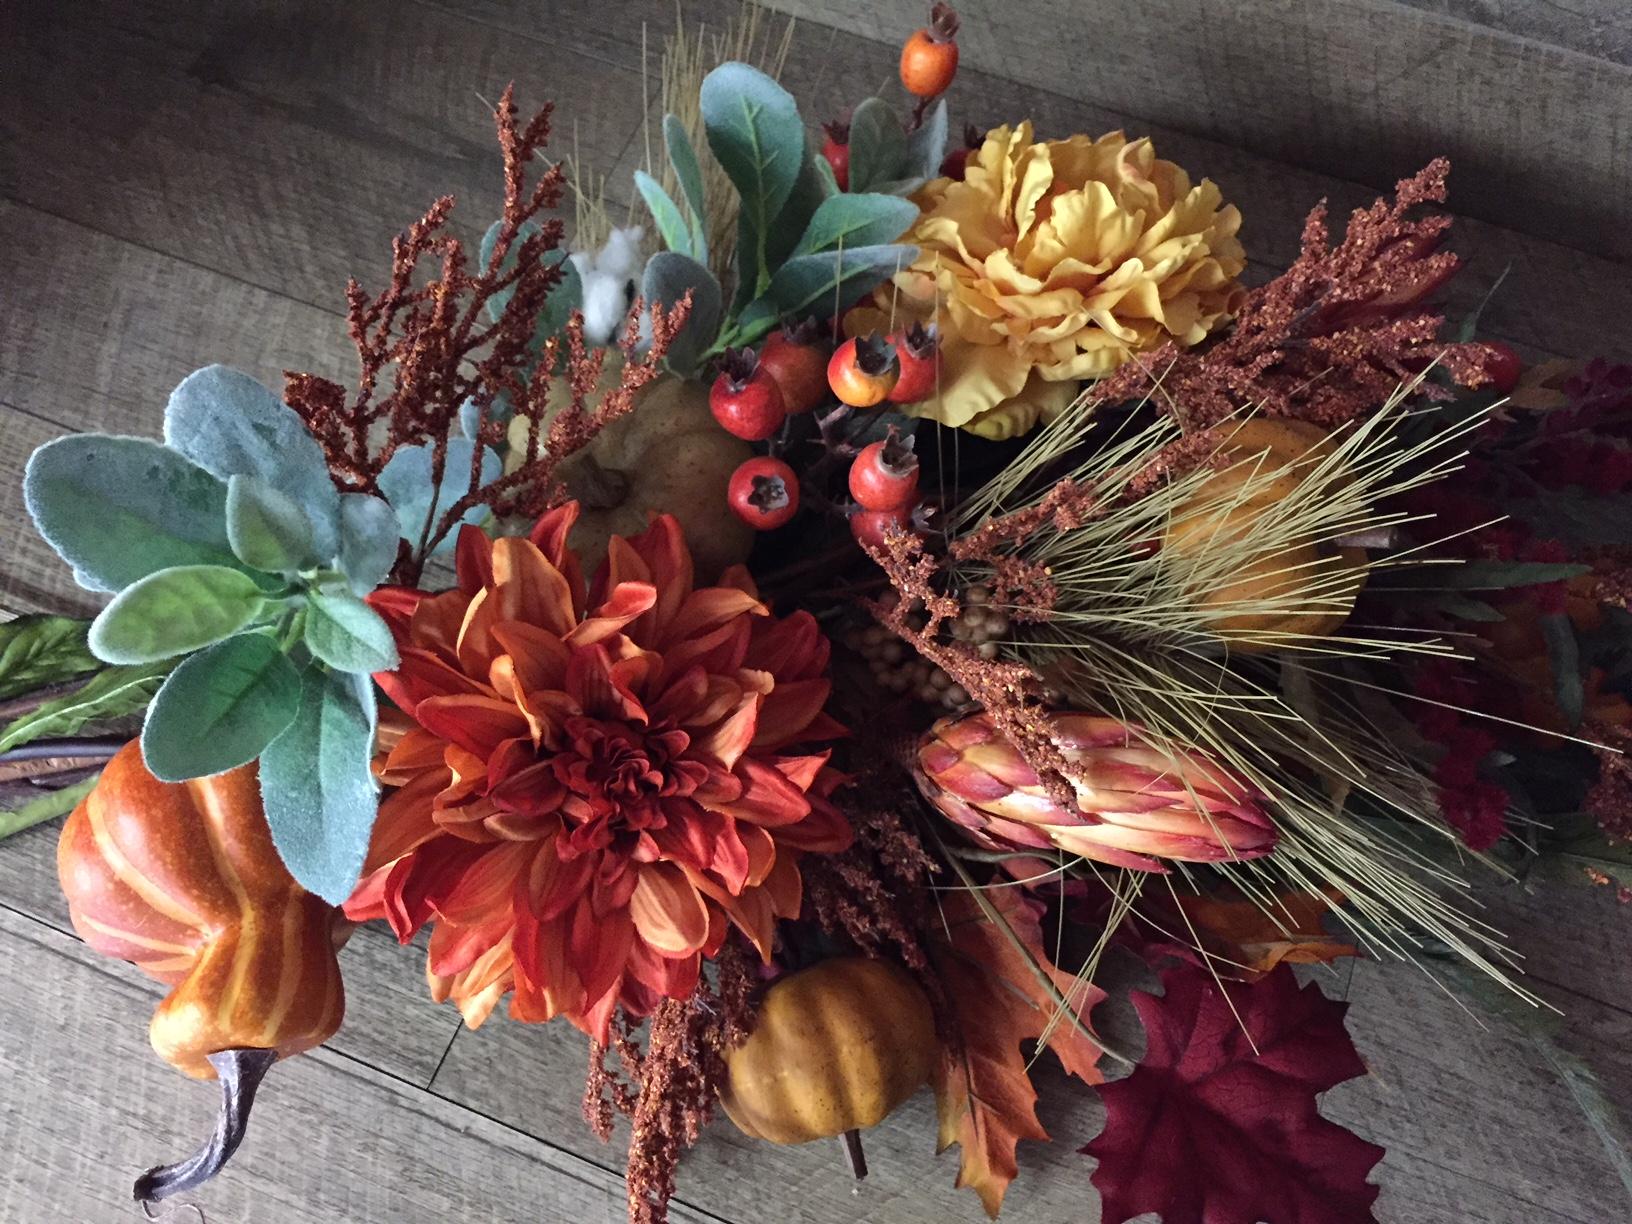 Avant Garden Florist Is A Full Service Florist Specializing In